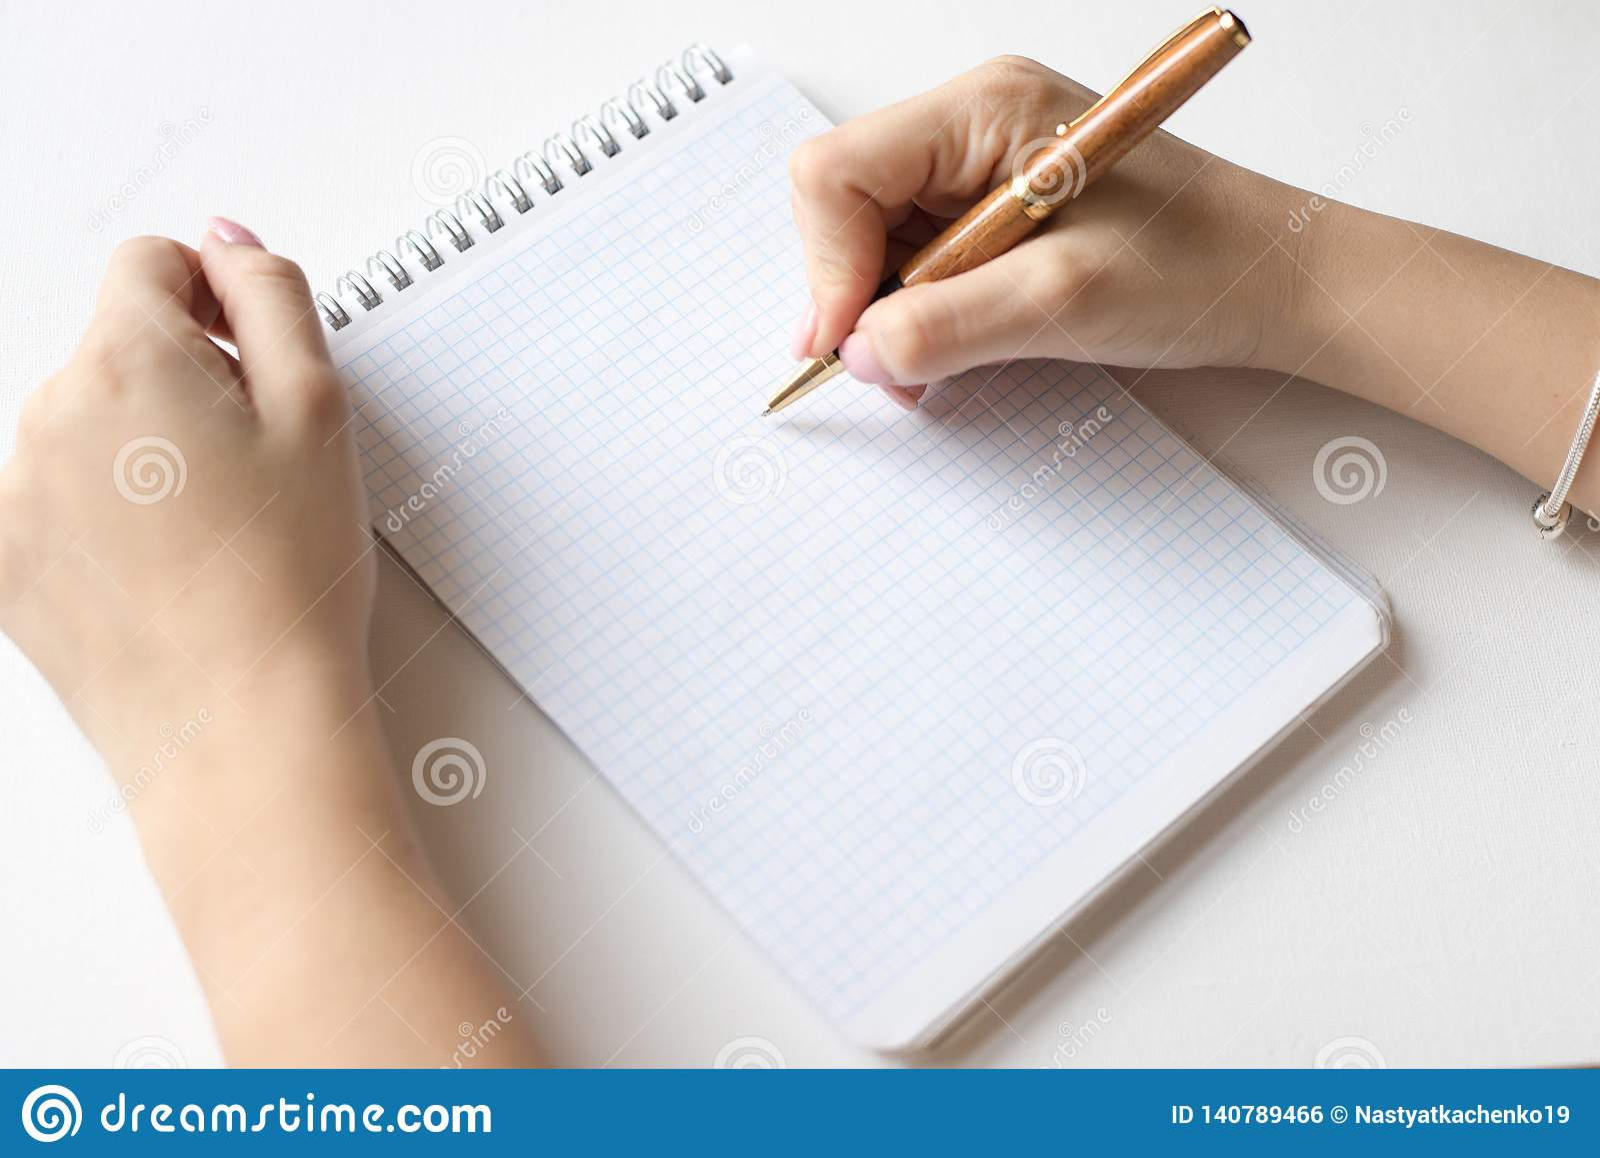 Projekta pojęcie - Odgórny widok ślimakowaty notatnik, biała strona i pióro, kobieta chwyta pióro odizolowywający na białym tle d